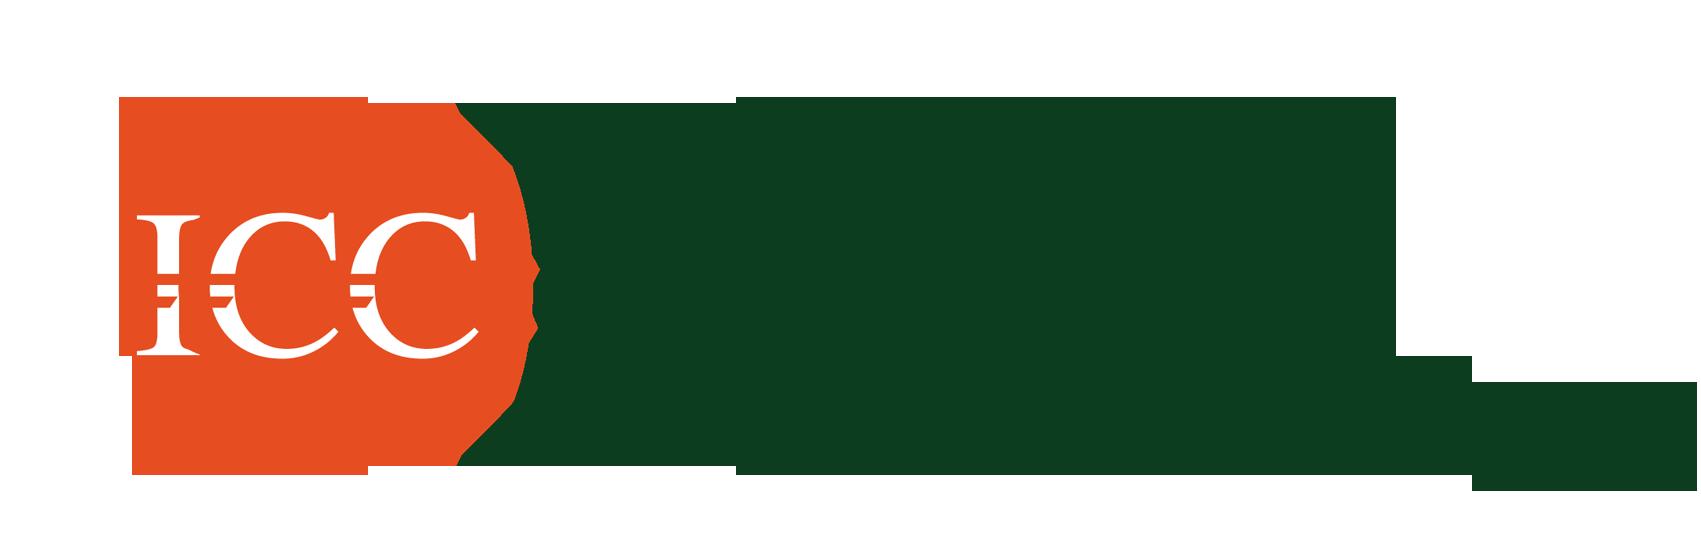 ICC - Credito Complementare